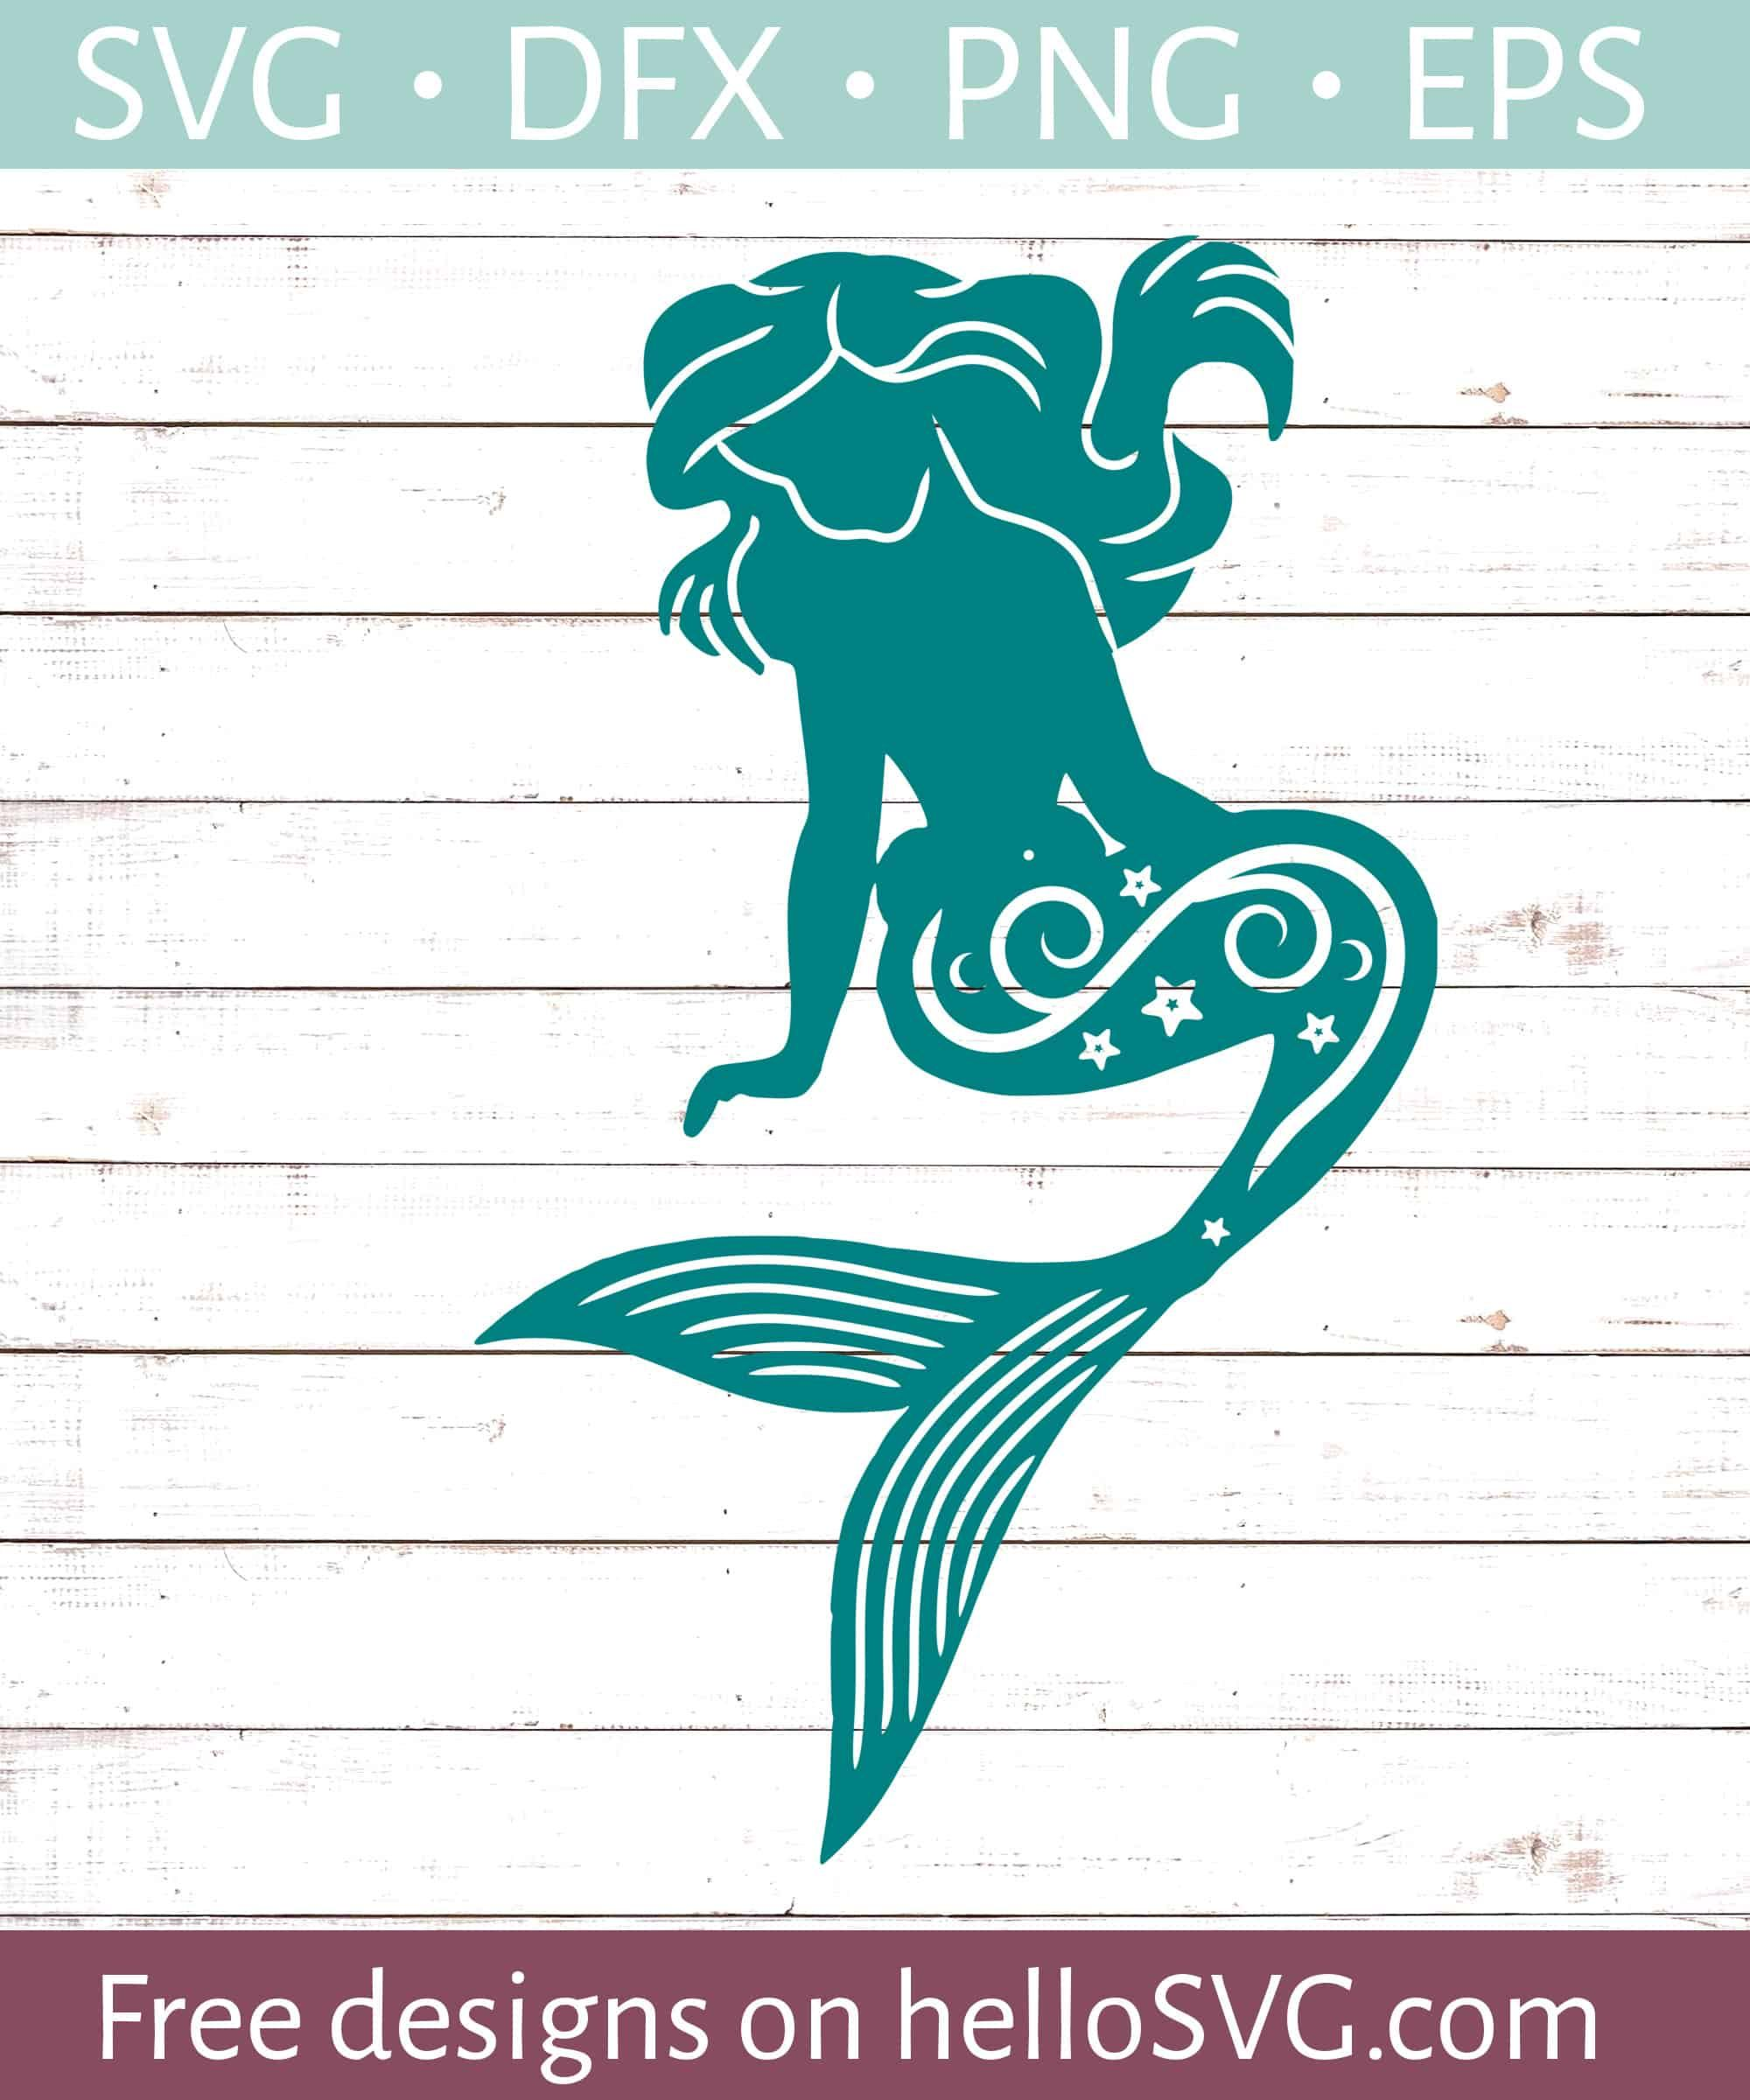 Mermaid Silhouette 3 1 in 2020 Mermaid svg, Mermaid